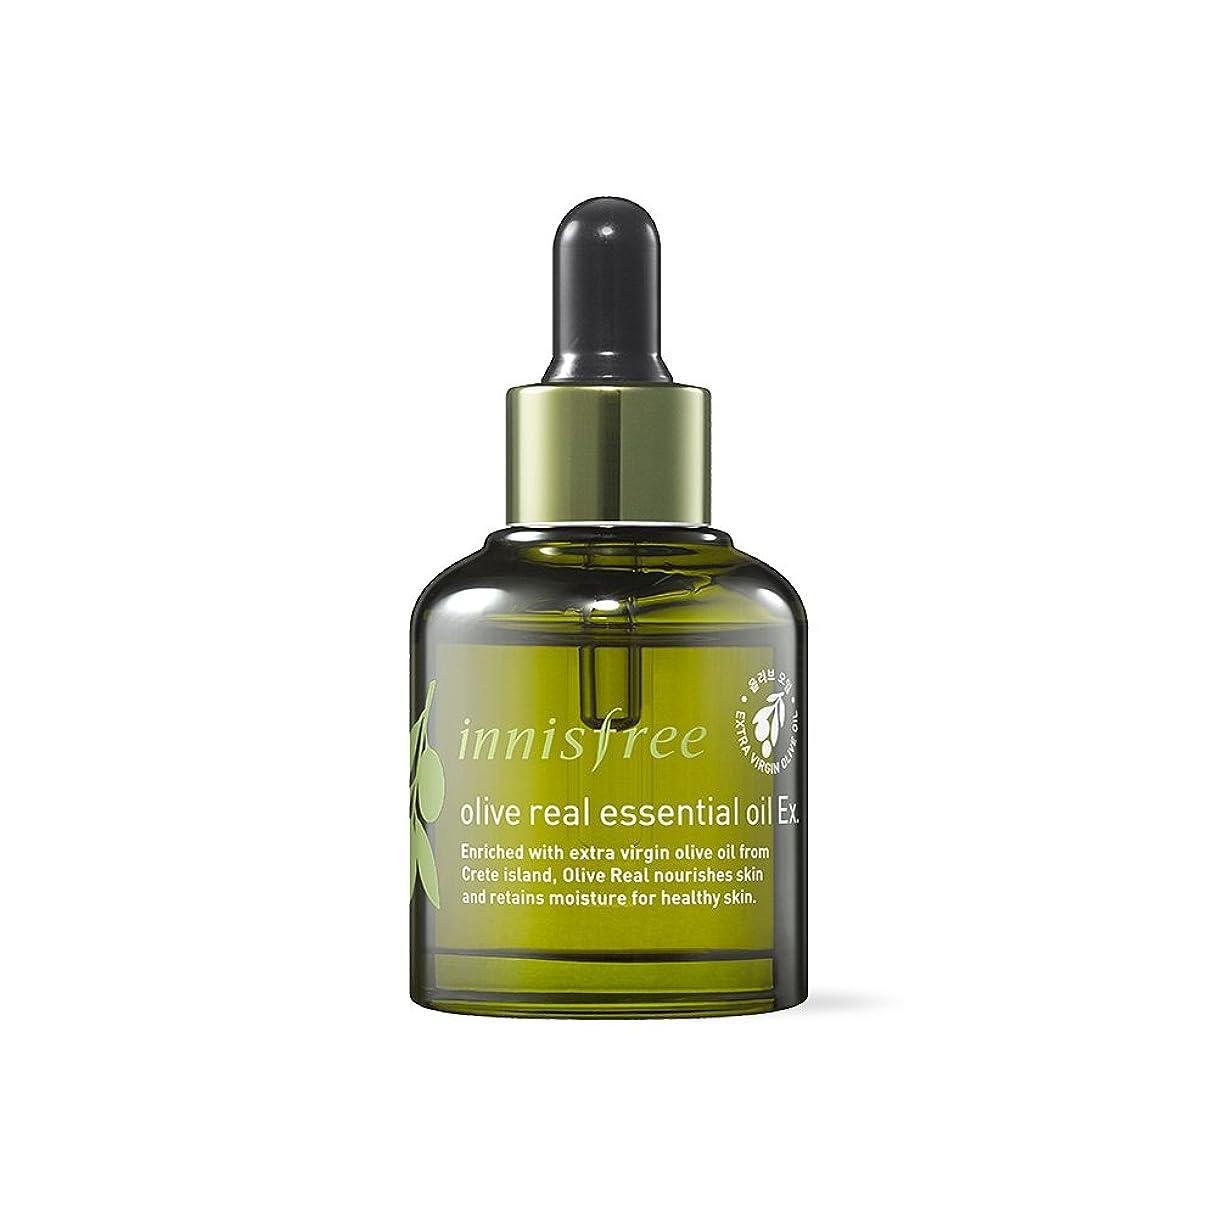 エゴマニアテント予防接種イニスフリー日本公式(innisfree)オリーブリアル エッセンシャルオイル[化粧用油]30ml